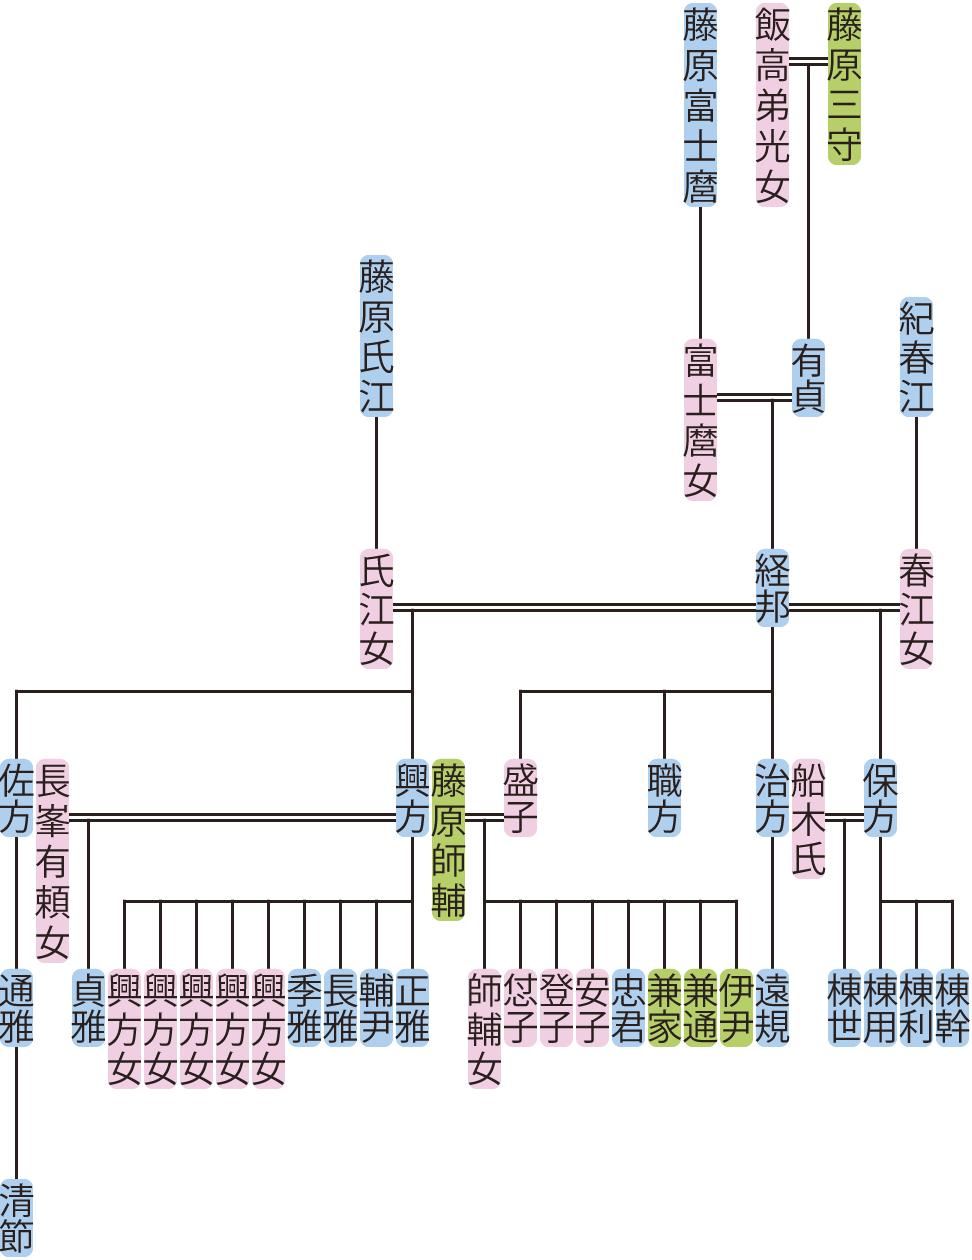 藤原経邦の系図